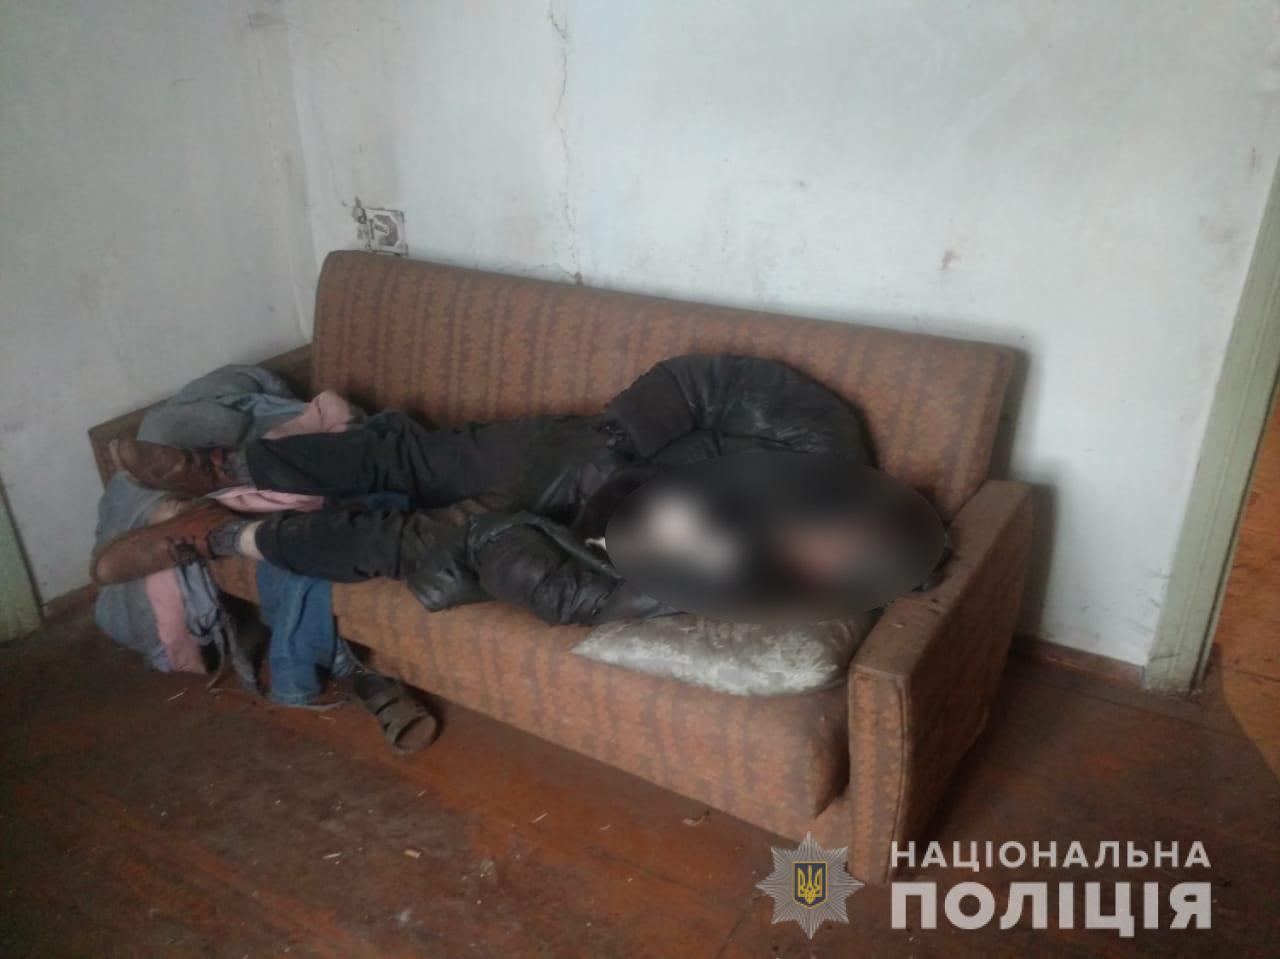 У Фастові затримали чоловіка, підозрюваного у вбивстві - Фастів, поліція Фастова, затримання, вбивство - fastiv2